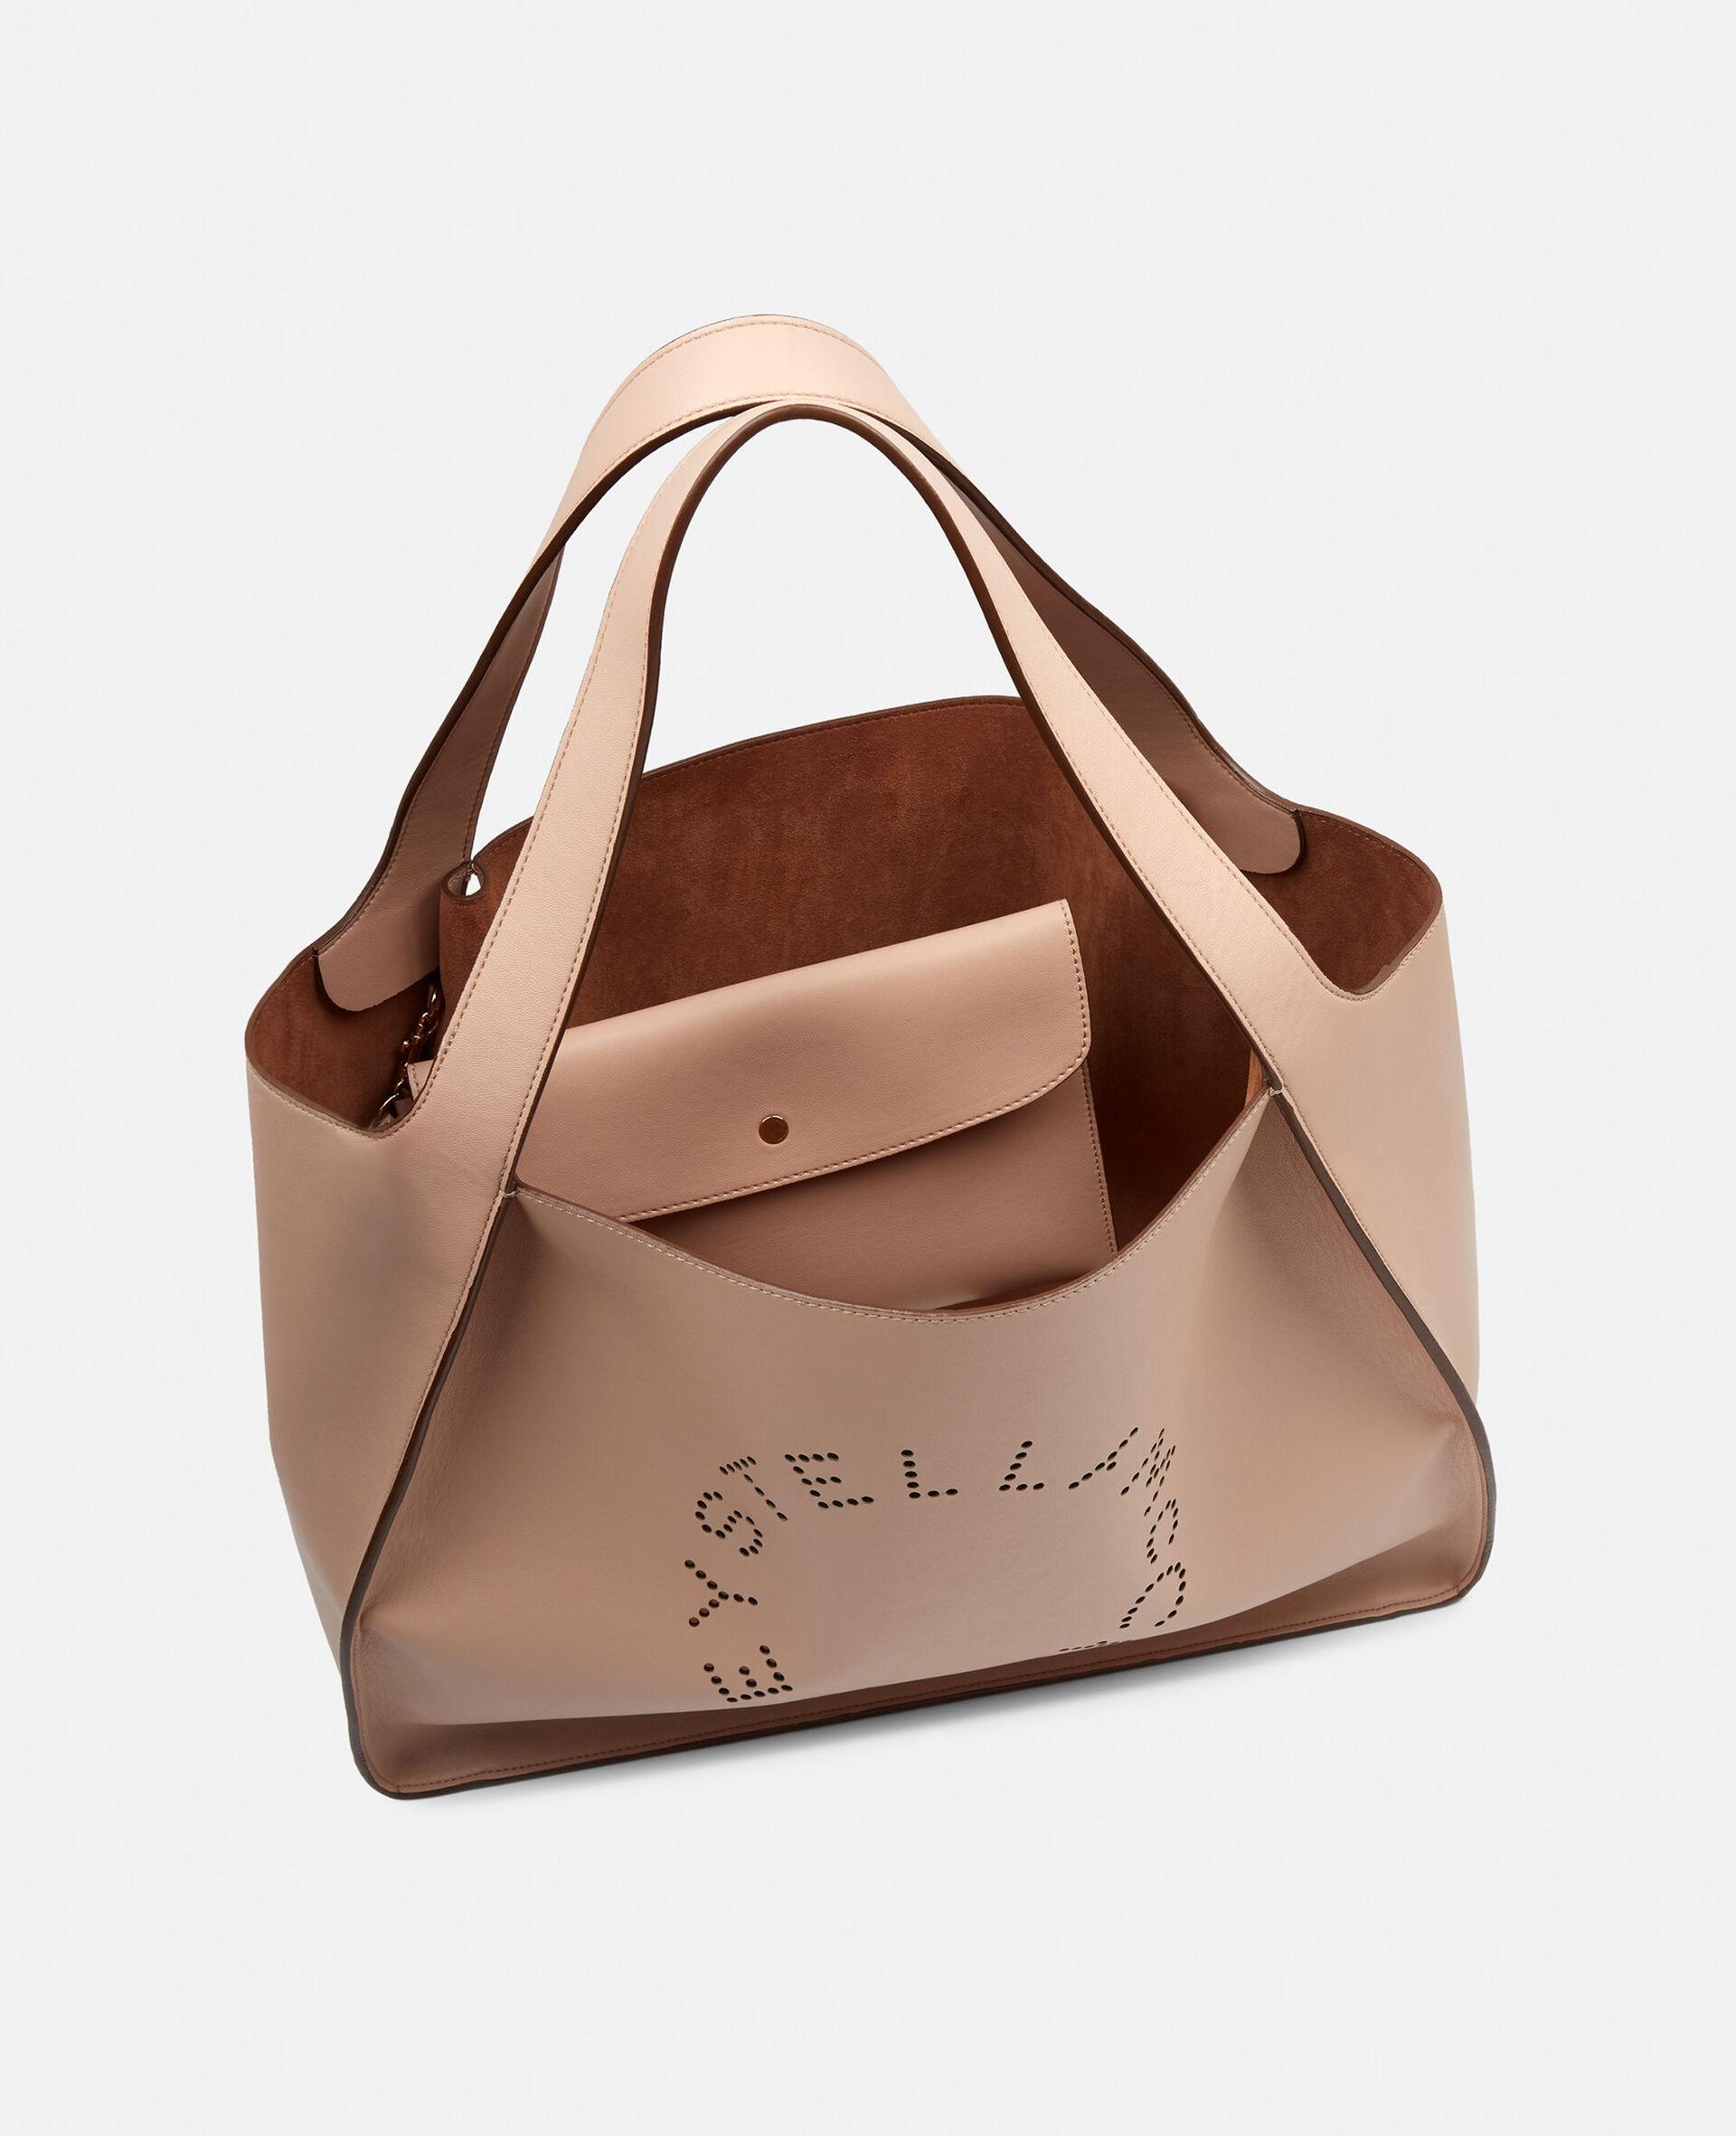 Stella Logo 托特包-棕色-large image number 3